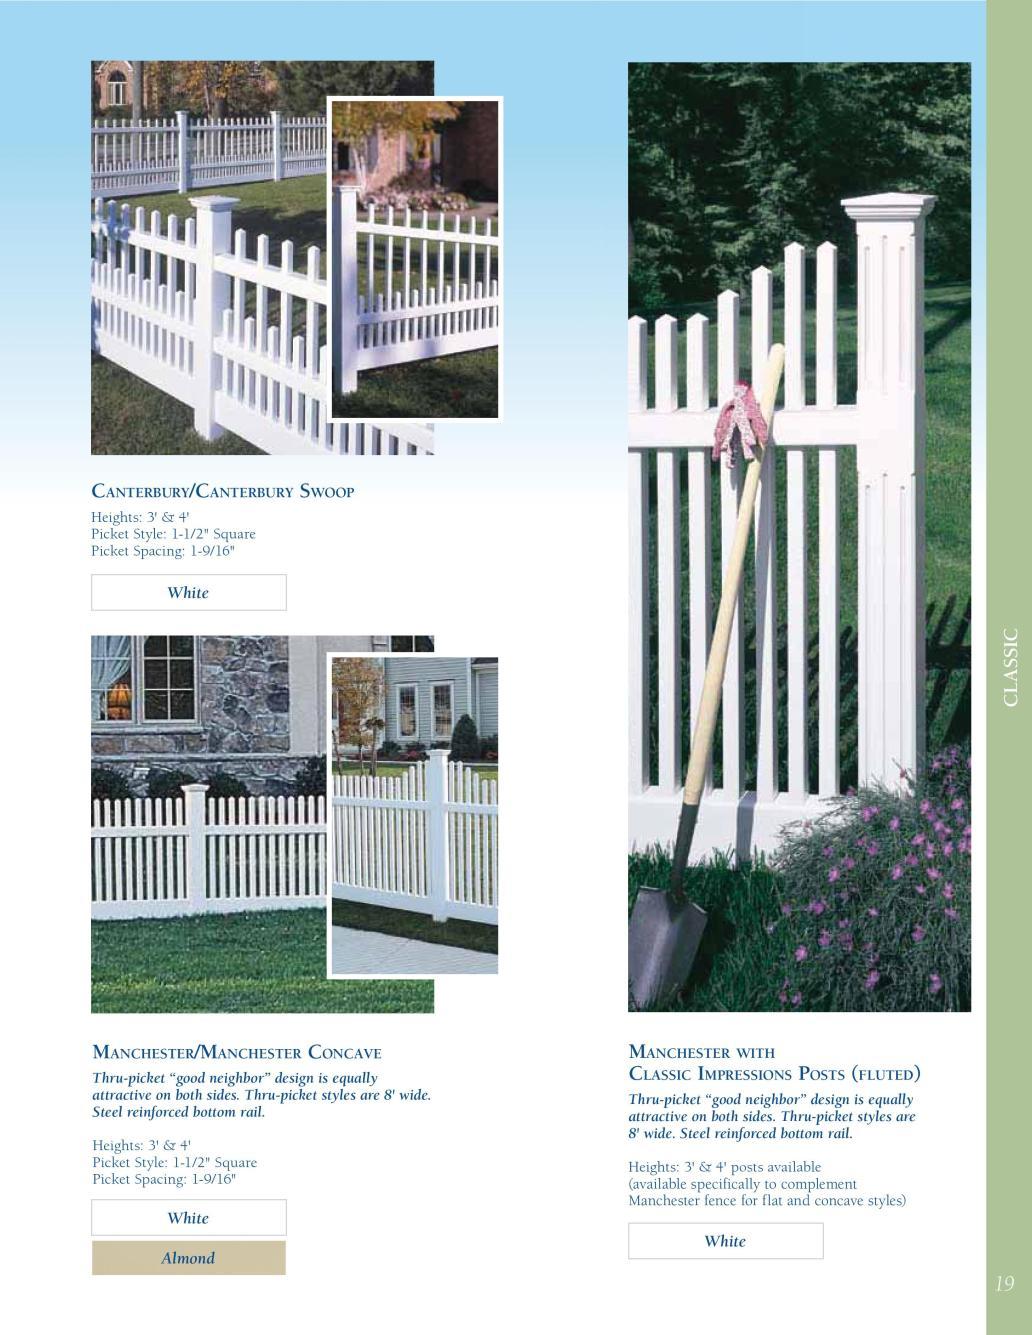 FRD_40-40-70610_Fulline-page-019